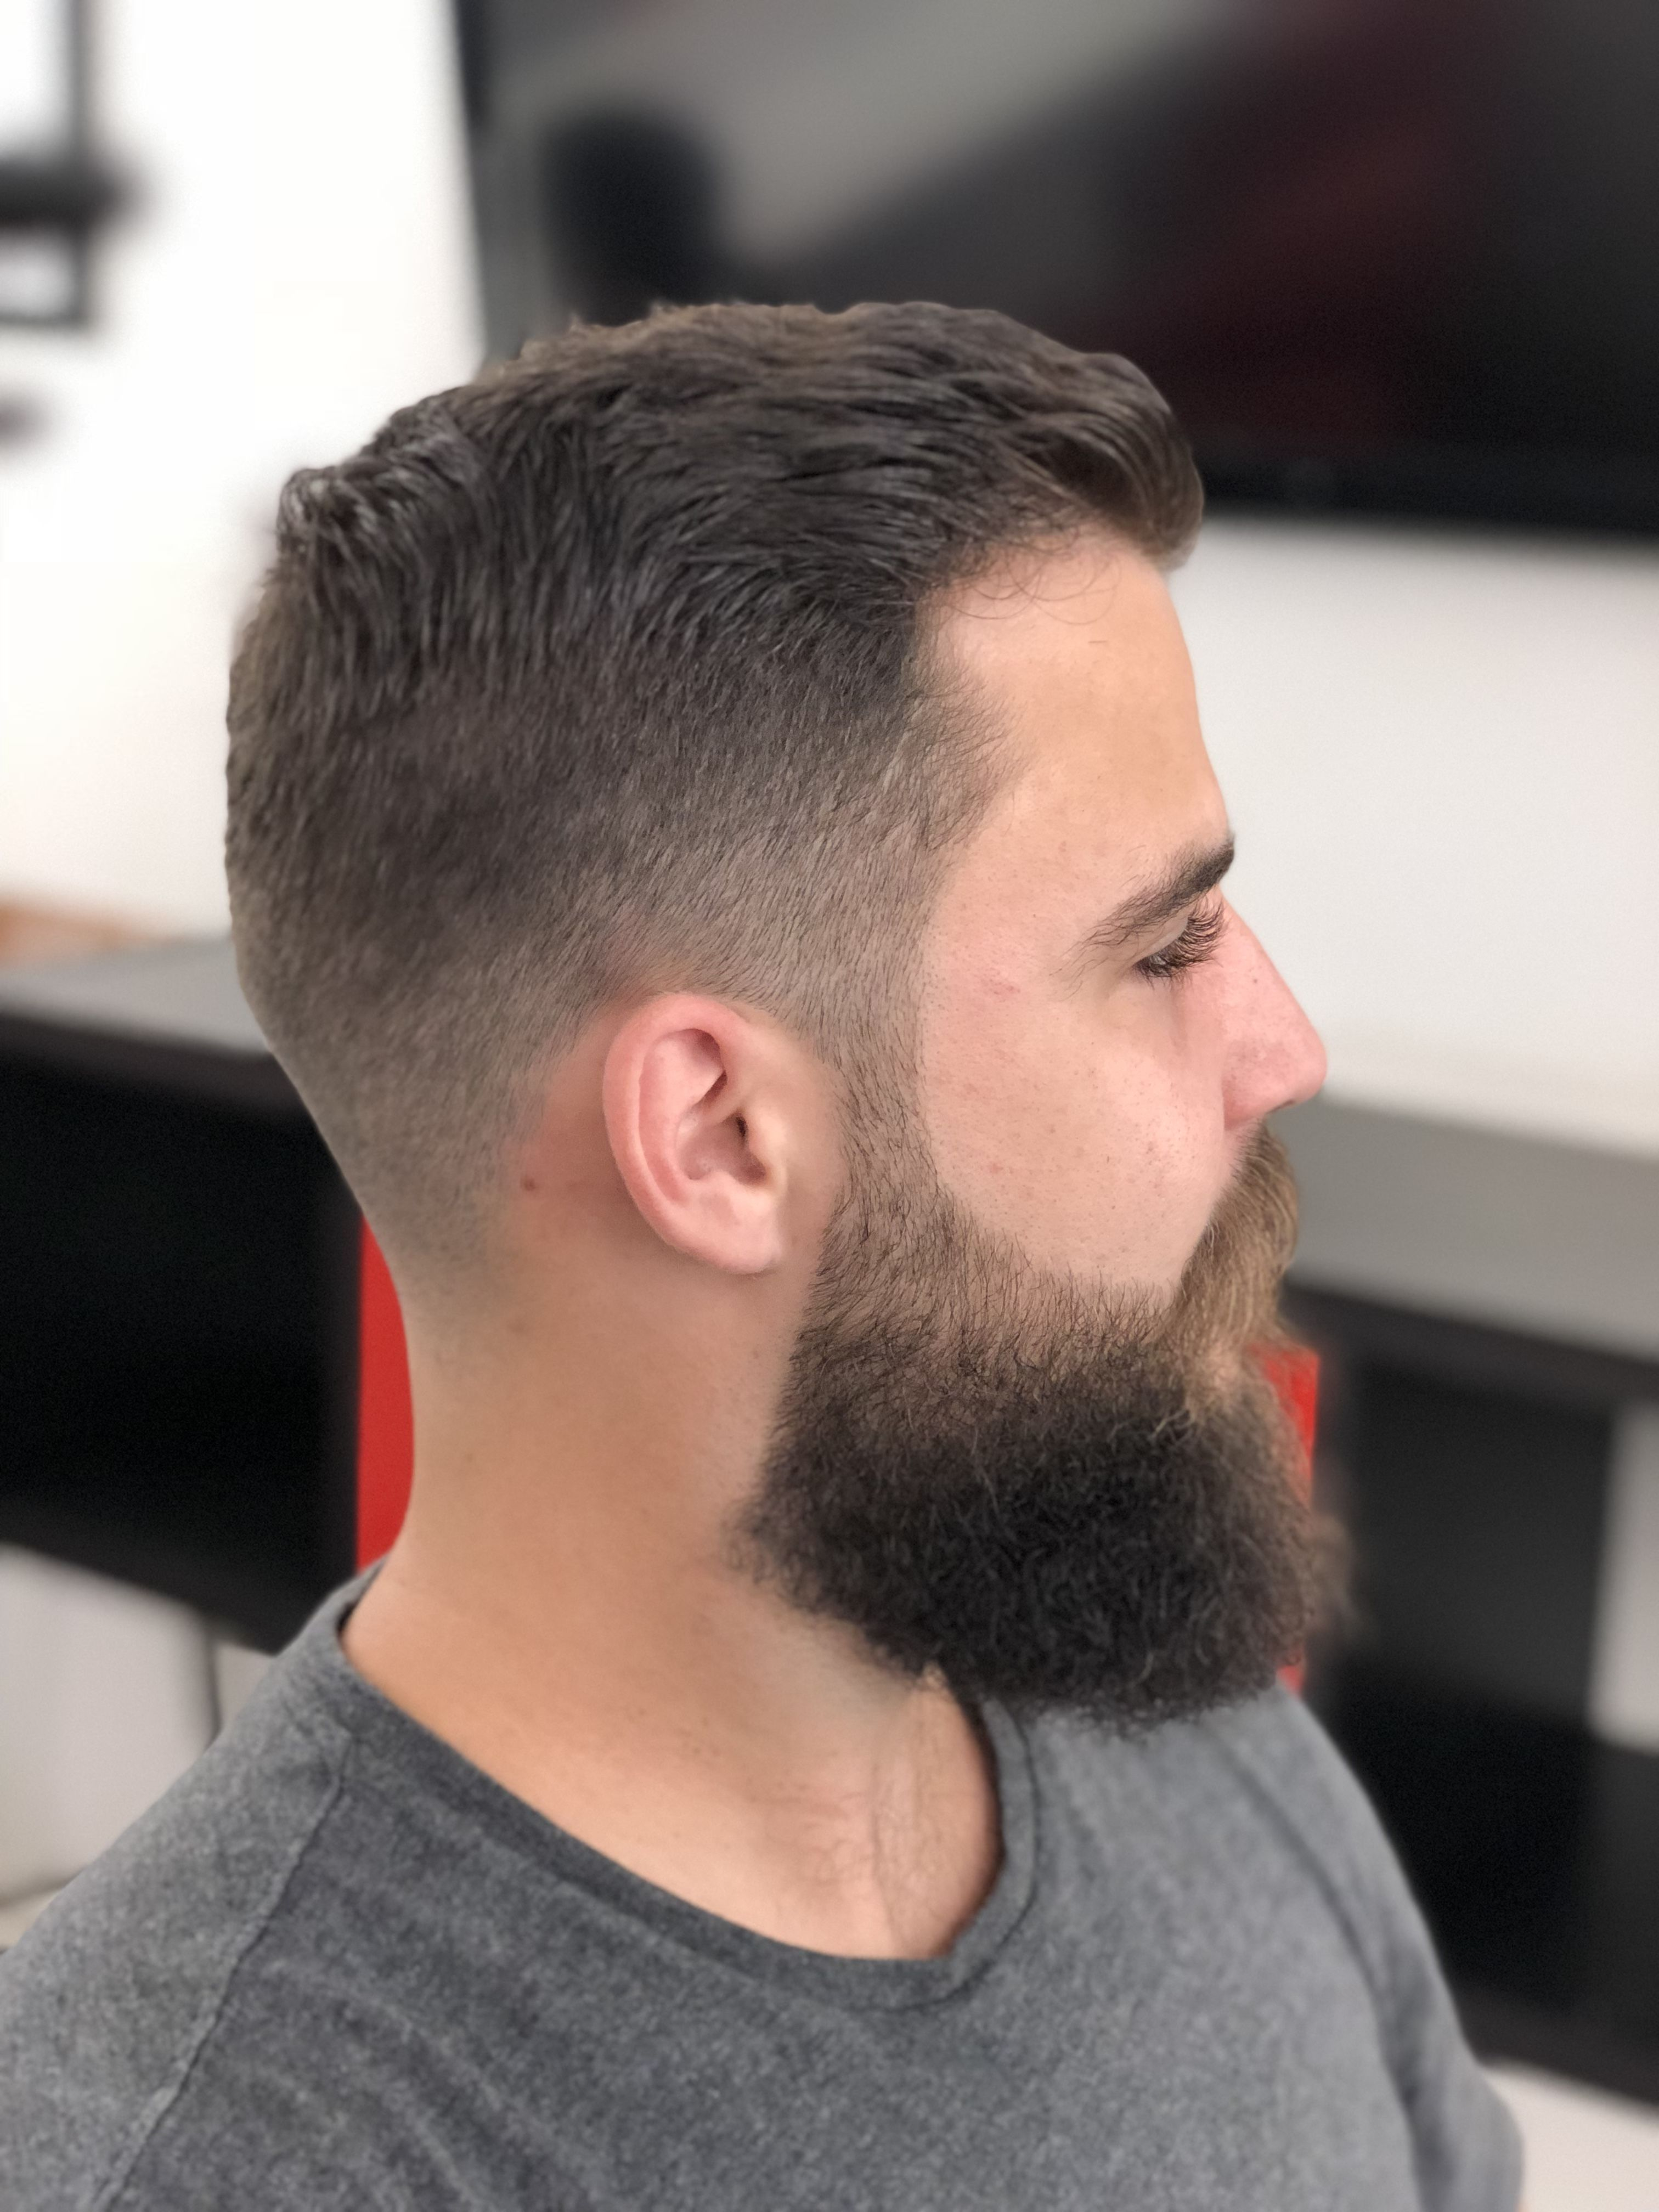 Possible Hairstyles Faded Beard Styles Beard Fade Short Hair Long Beard